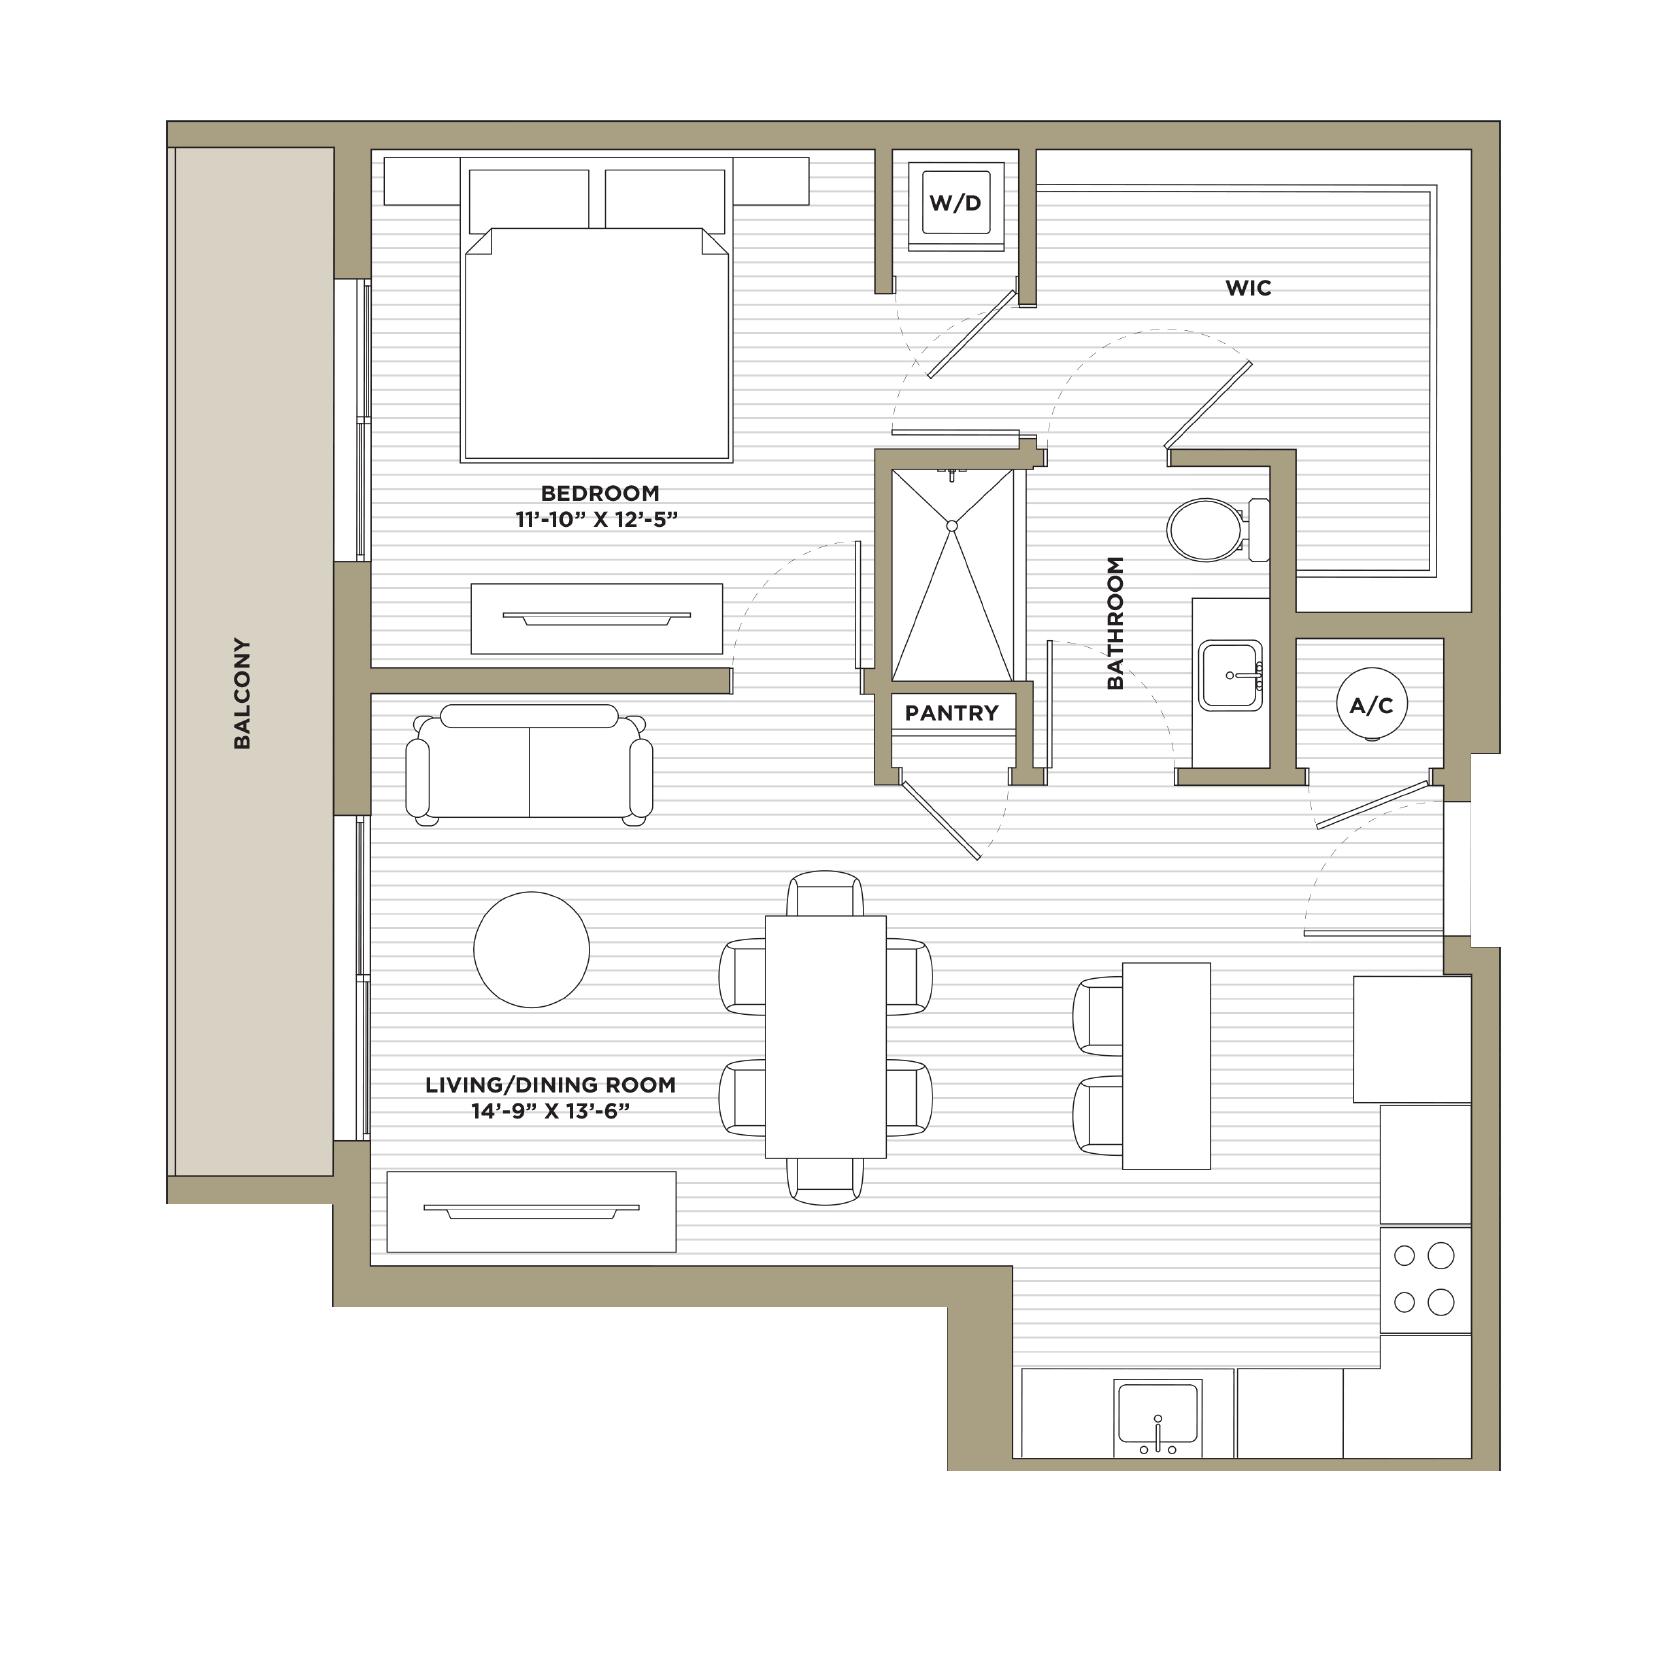 A7 - 1 Bedroom / 1 Bathroom809 sq. ft.